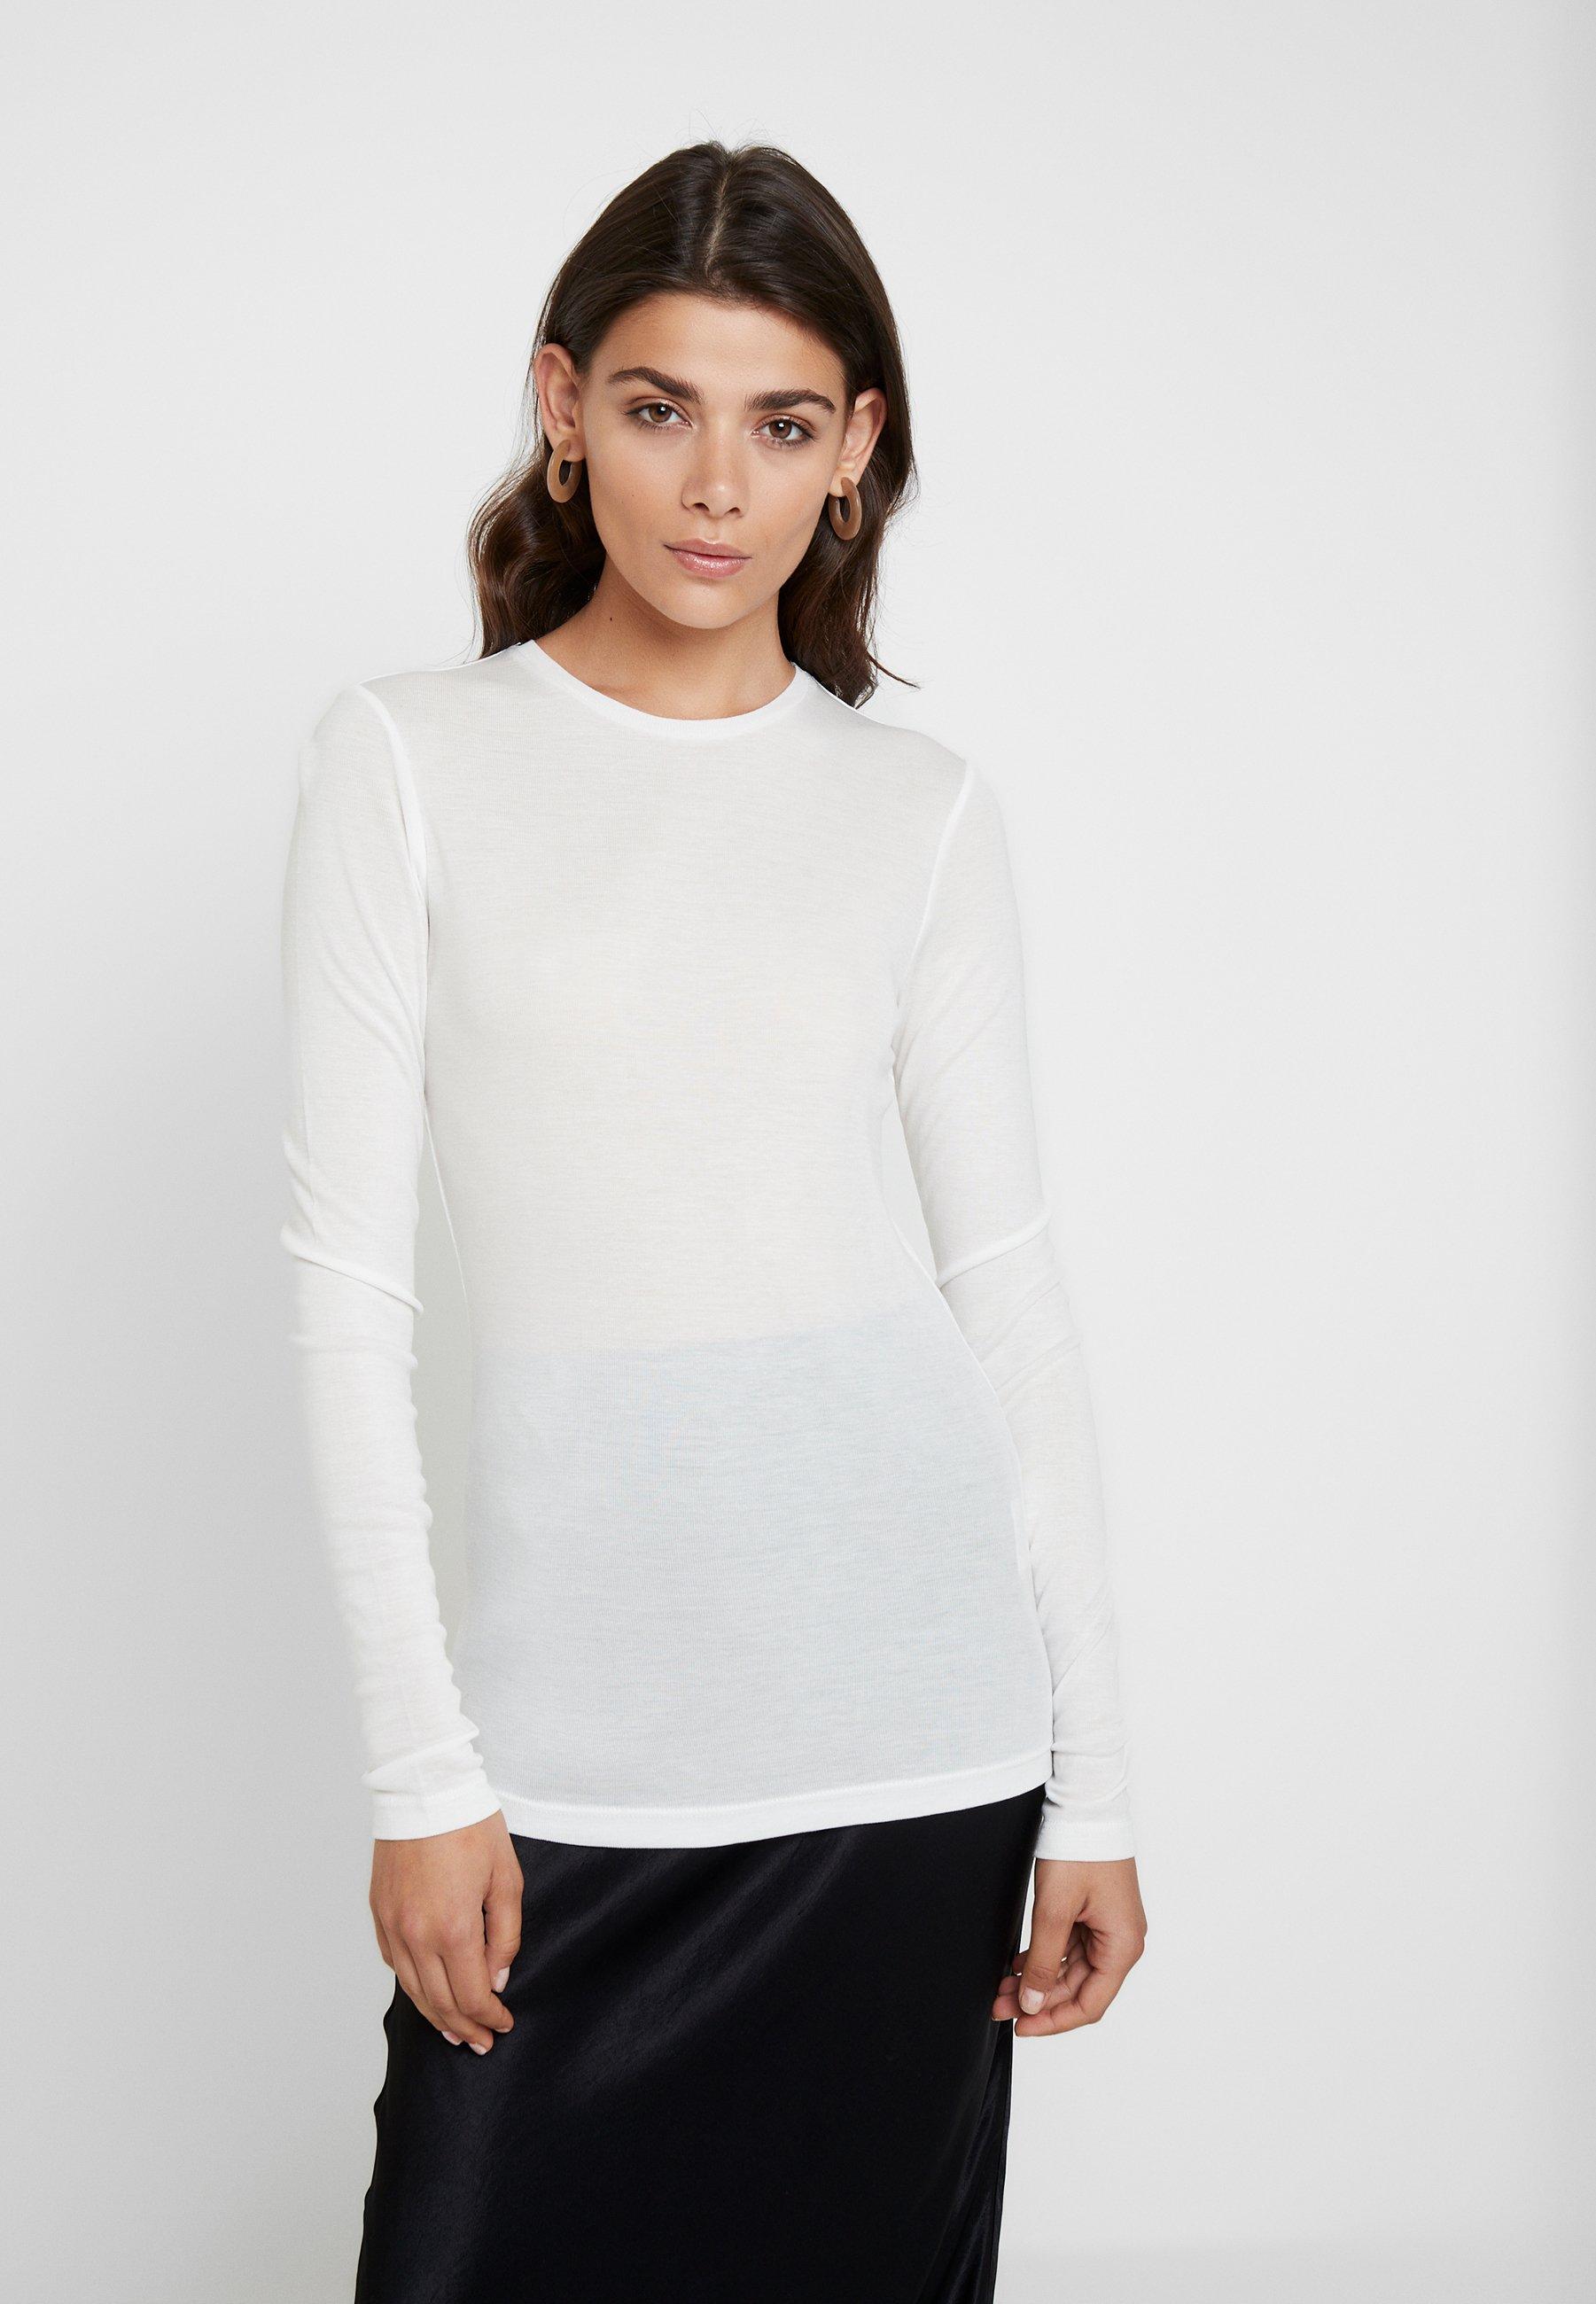 shirt Manches Copenhagen À Moss MonaT Longues White Bright 5ARjqc34L